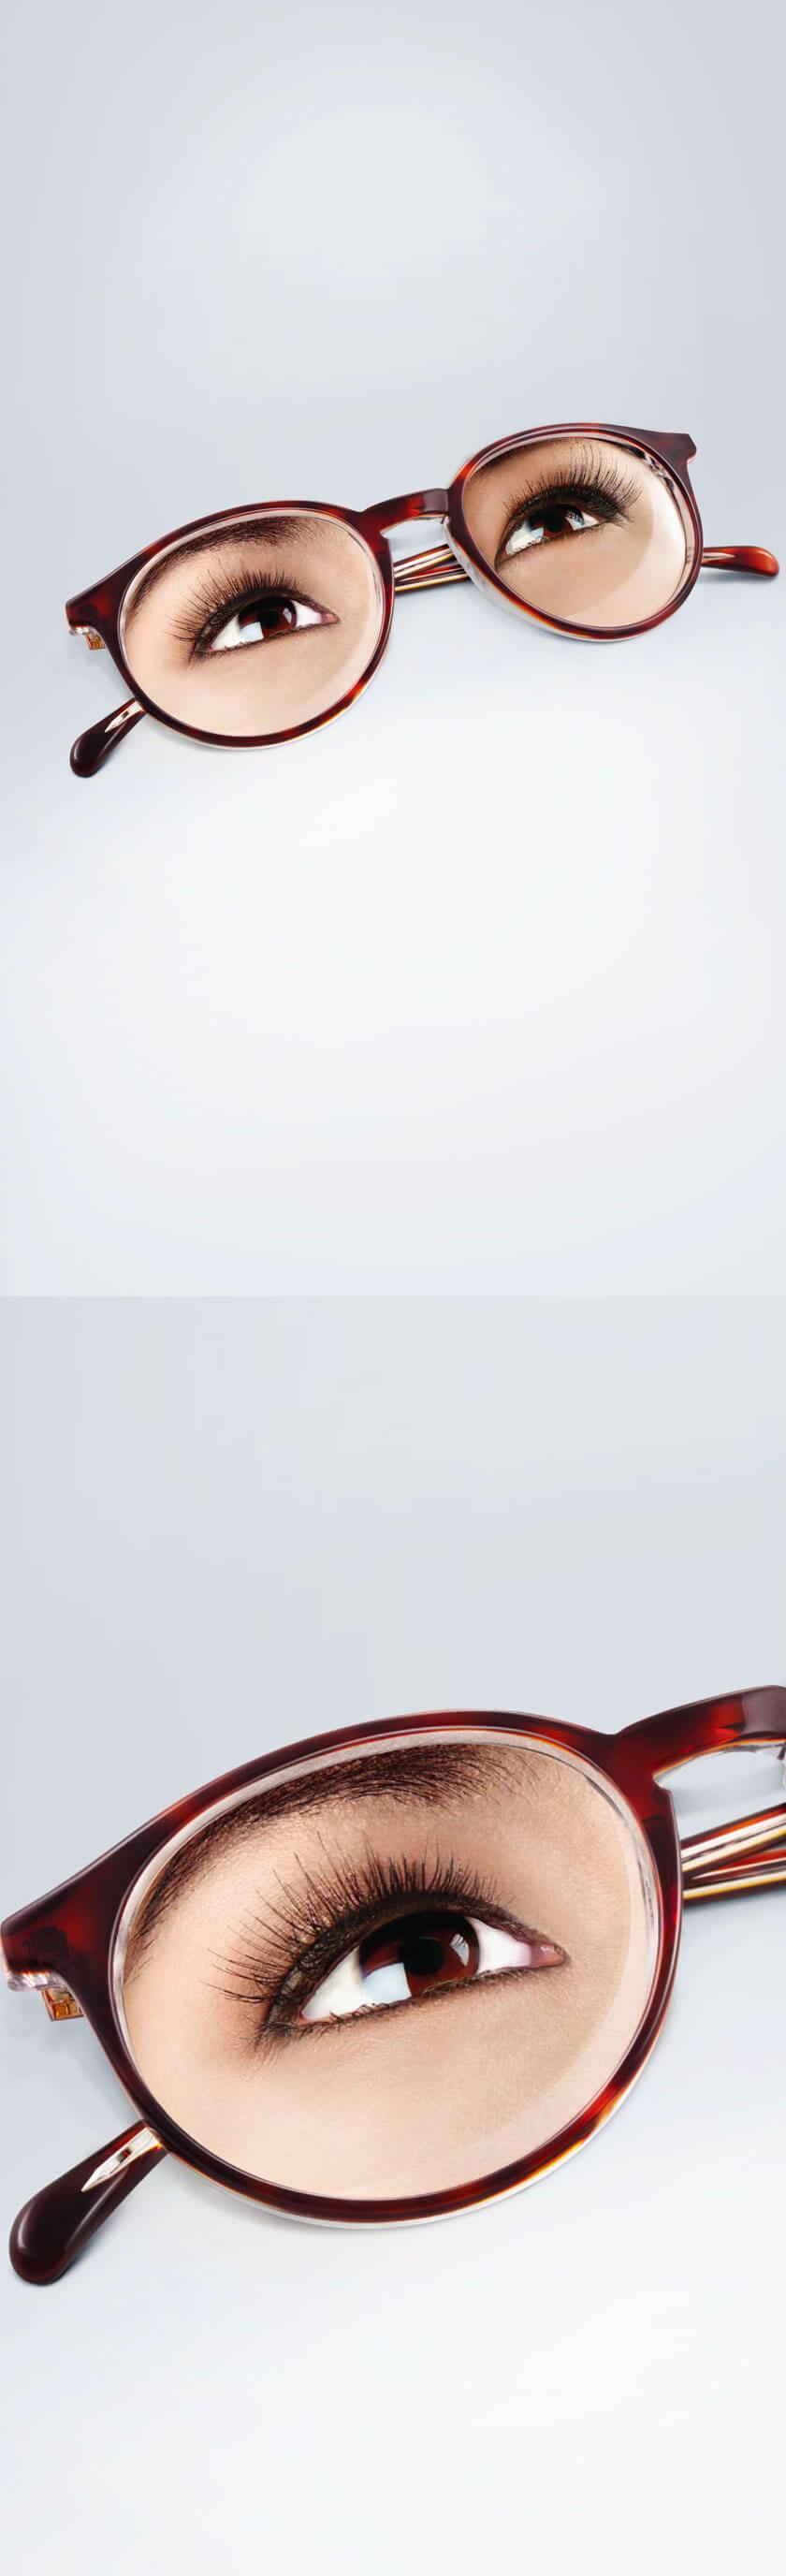 Retouch Keyvisual หอแว่น A | MeDee - บริษัทรับทำเว็บไซต์ กราฟฟิกดีไซน์